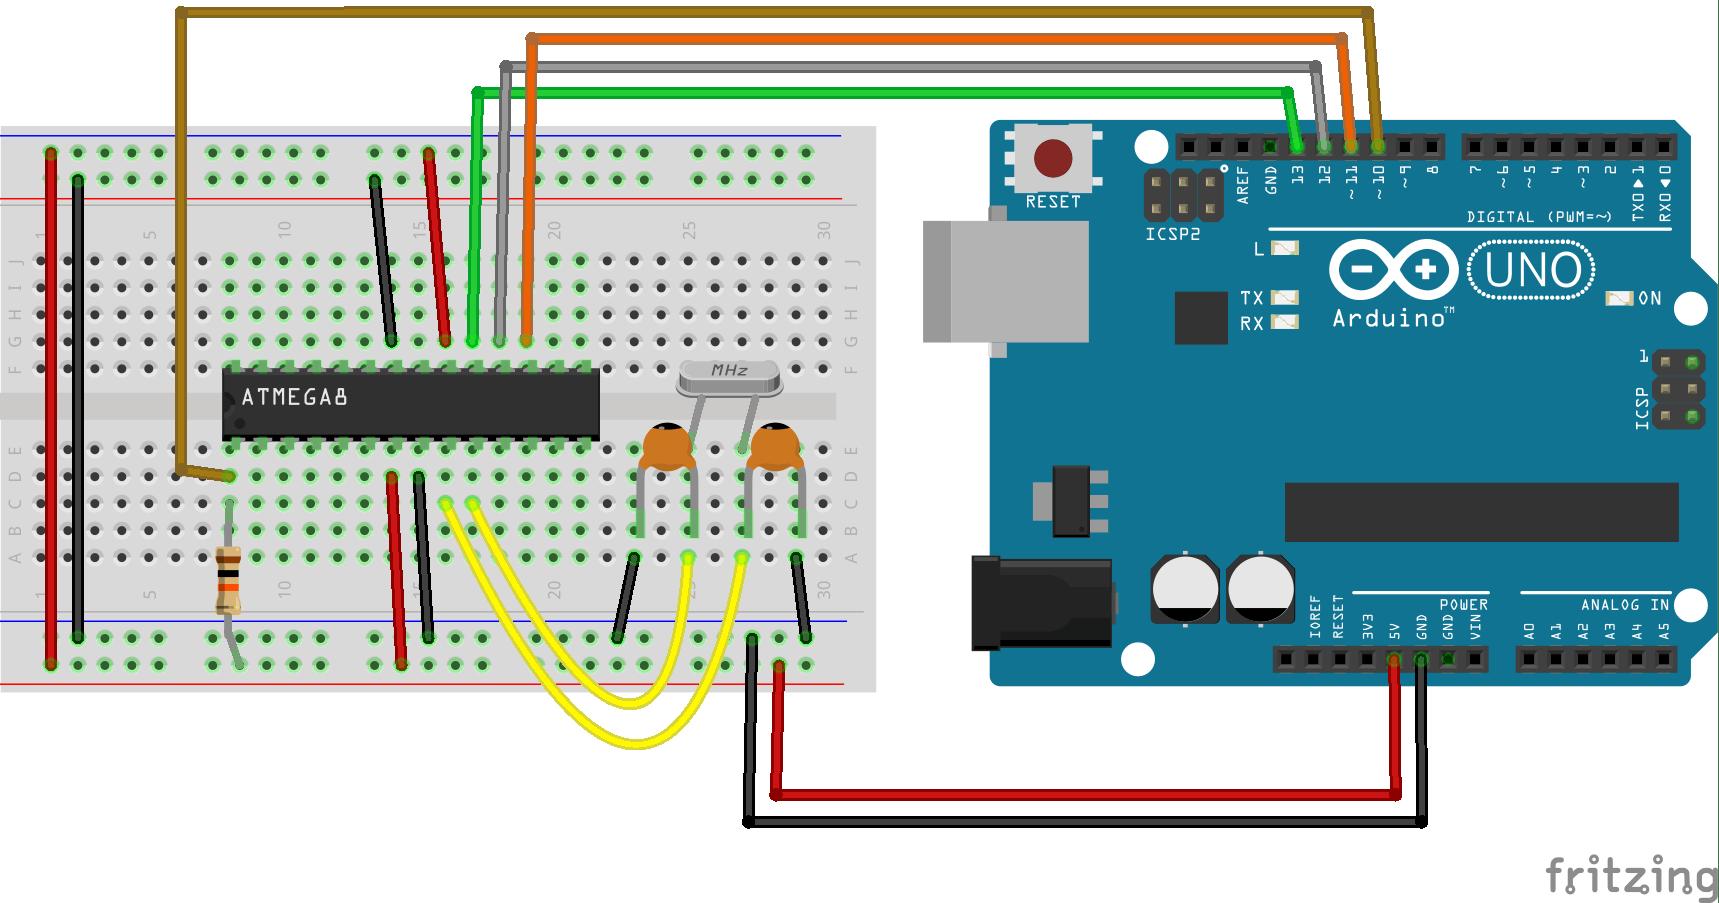 Burning Arduino bootloader